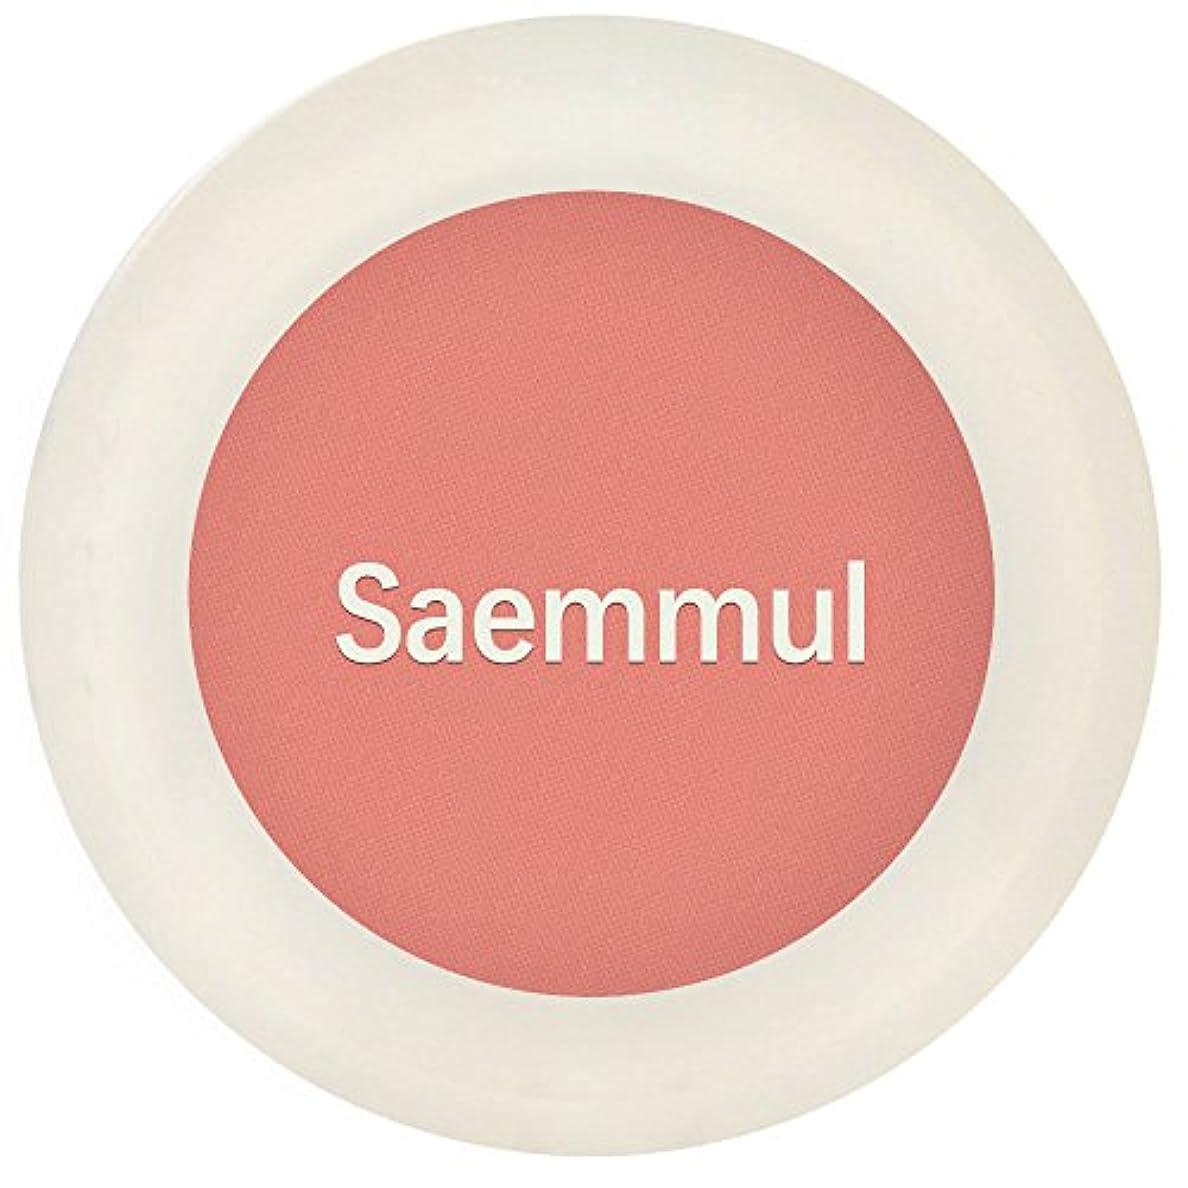 麻痺電子アーティスト【the SAEM(ザ セム)】センムル シングル シャドウ (マット) I (7カラー選択1) (PK02)